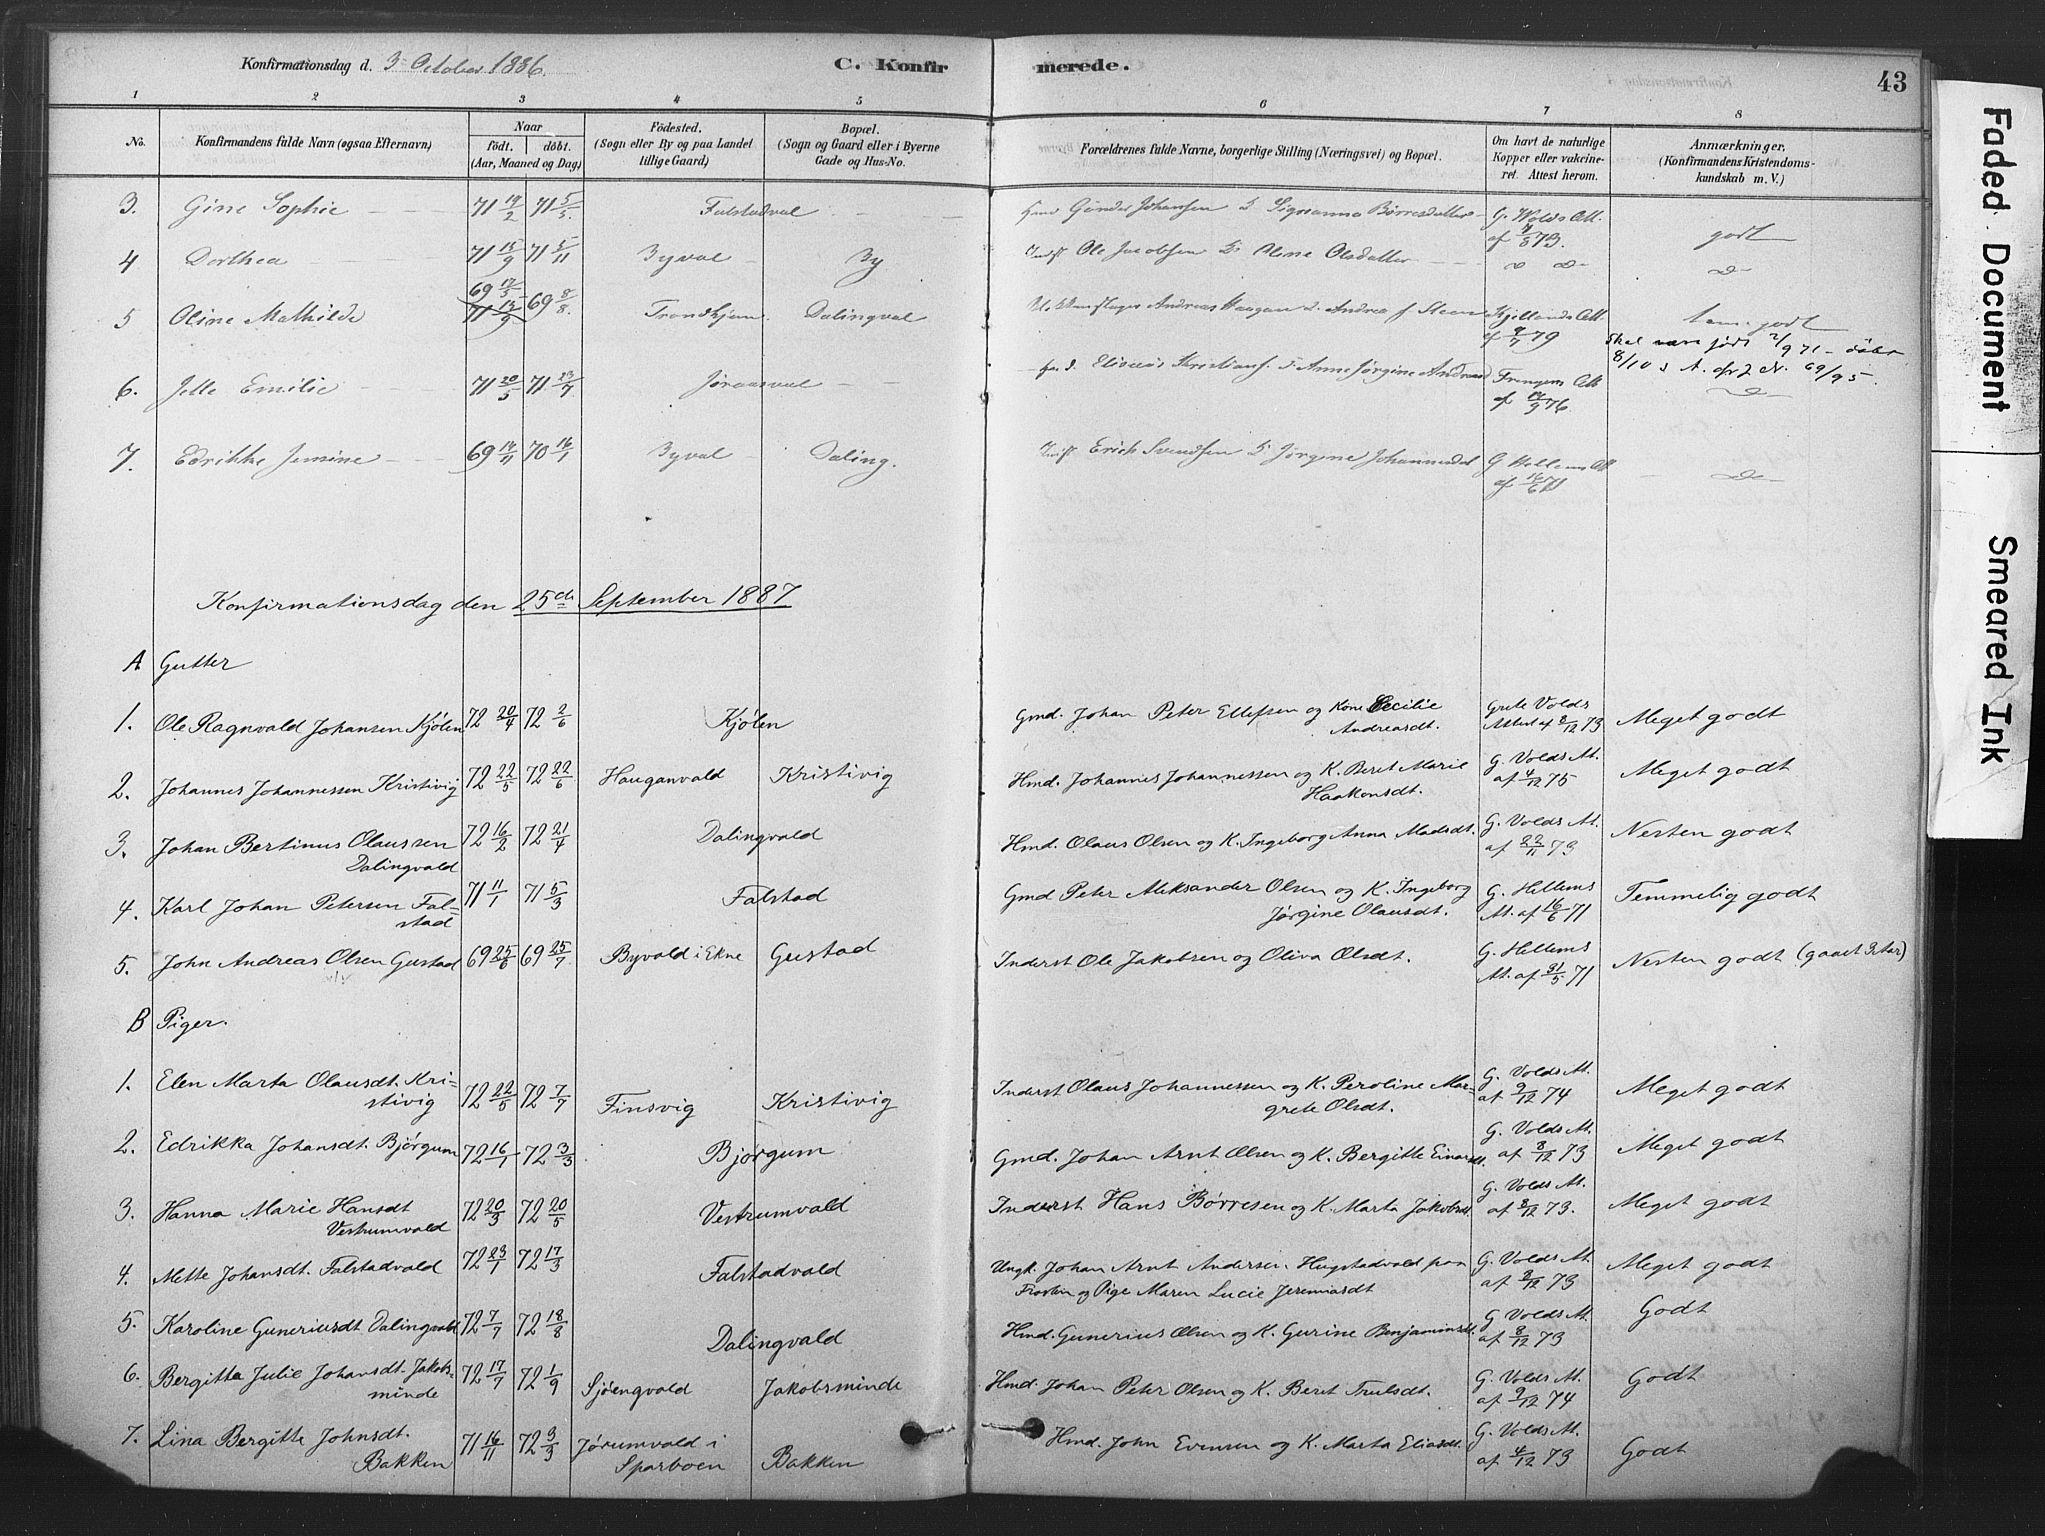 SAT, Ministerialprotokoller, klokkerbøker og fødselsregistre - Nord-Trøndelag, 719/L0178: Ministerialbok nr. 719A01, 1878-1900, s. 43